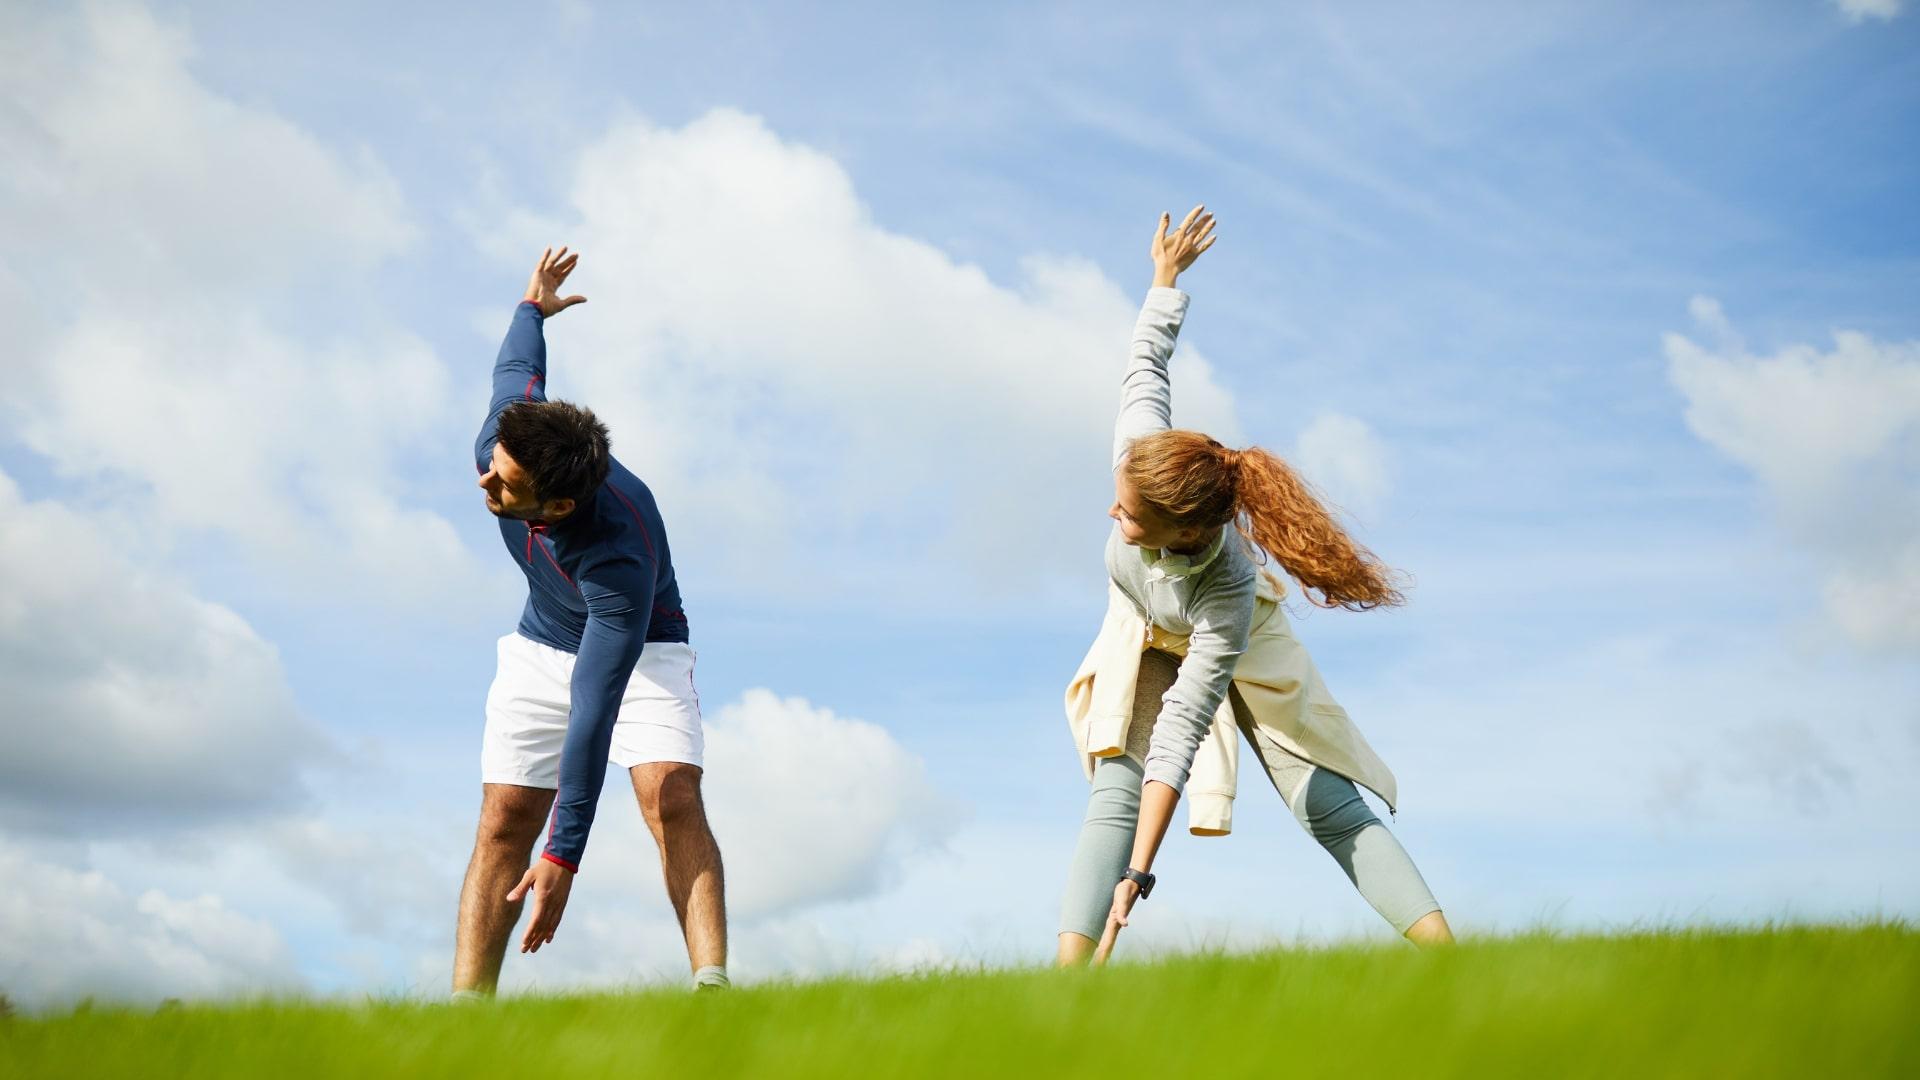 Επιστήμη της Άσκησης και της Φυσικής Αγωγής